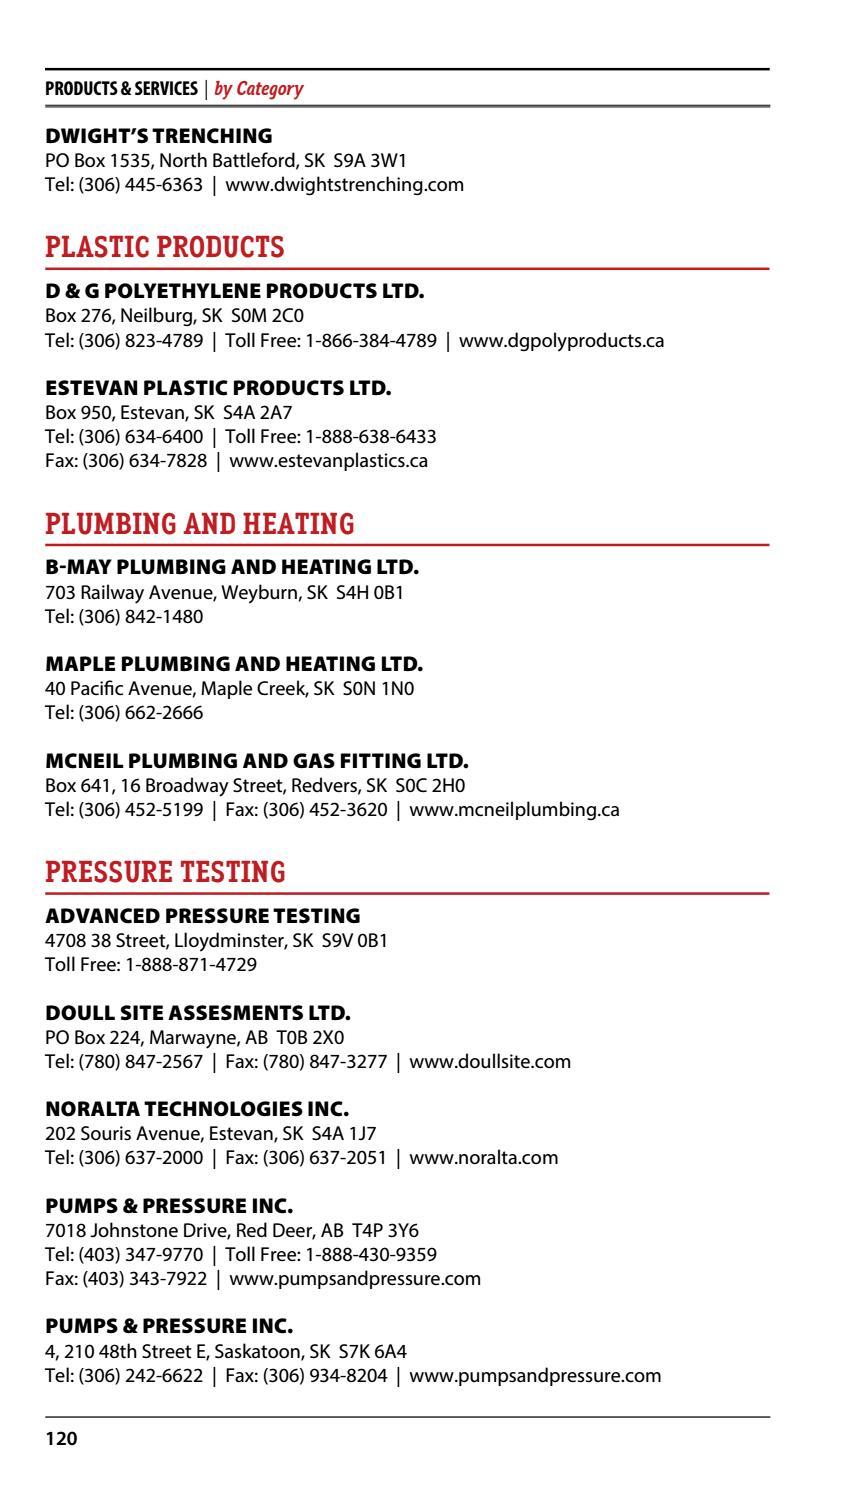 Saskatchewan Oil Directory 2016 by DEL Communications Inc  - issuu